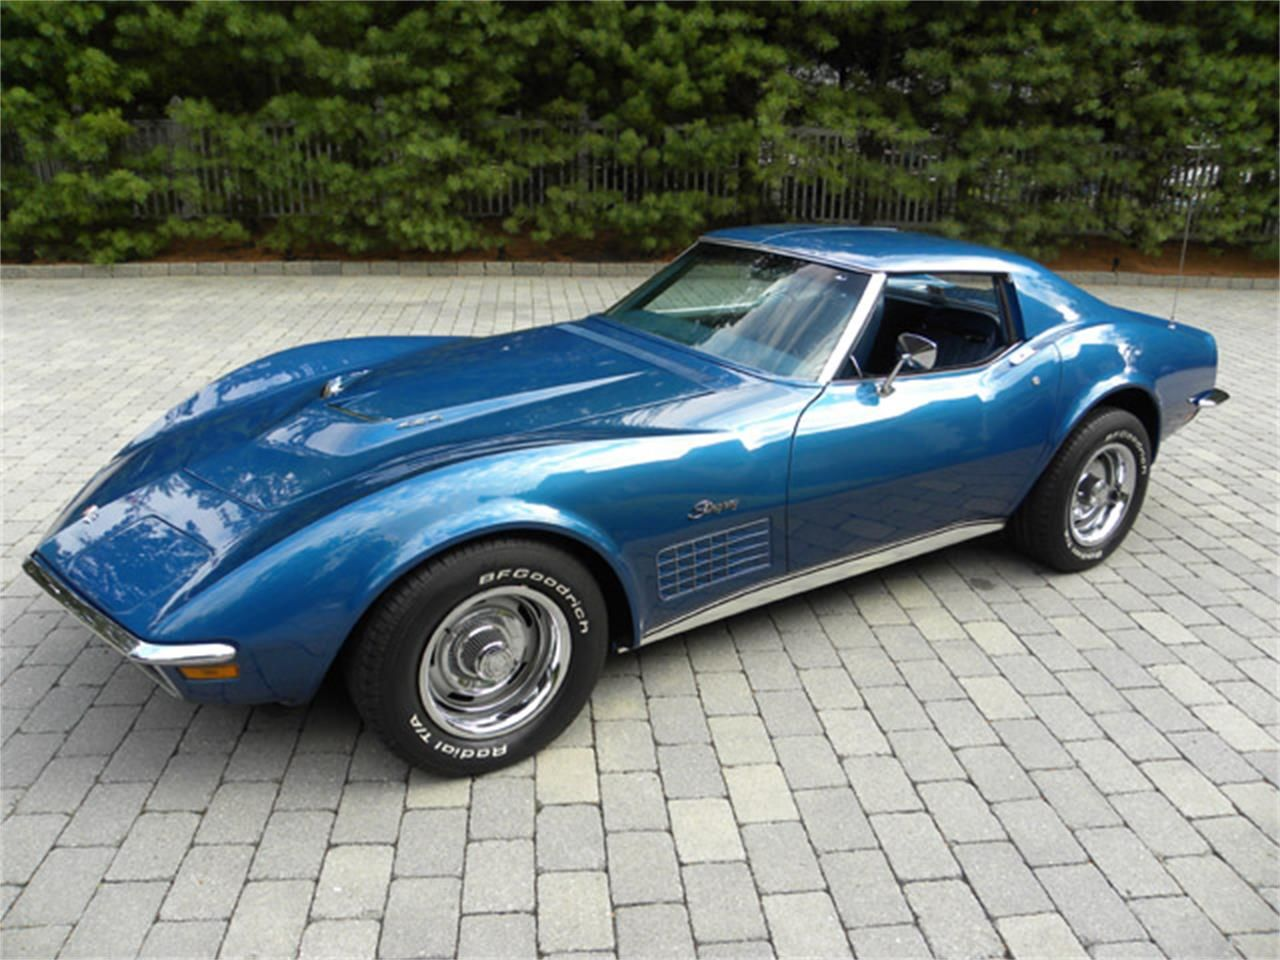 Corvette 1970 chevrolet corvette stingray : 1968 mako shark corvette -   GM Corvette   Pinterest   Chevrolet ...